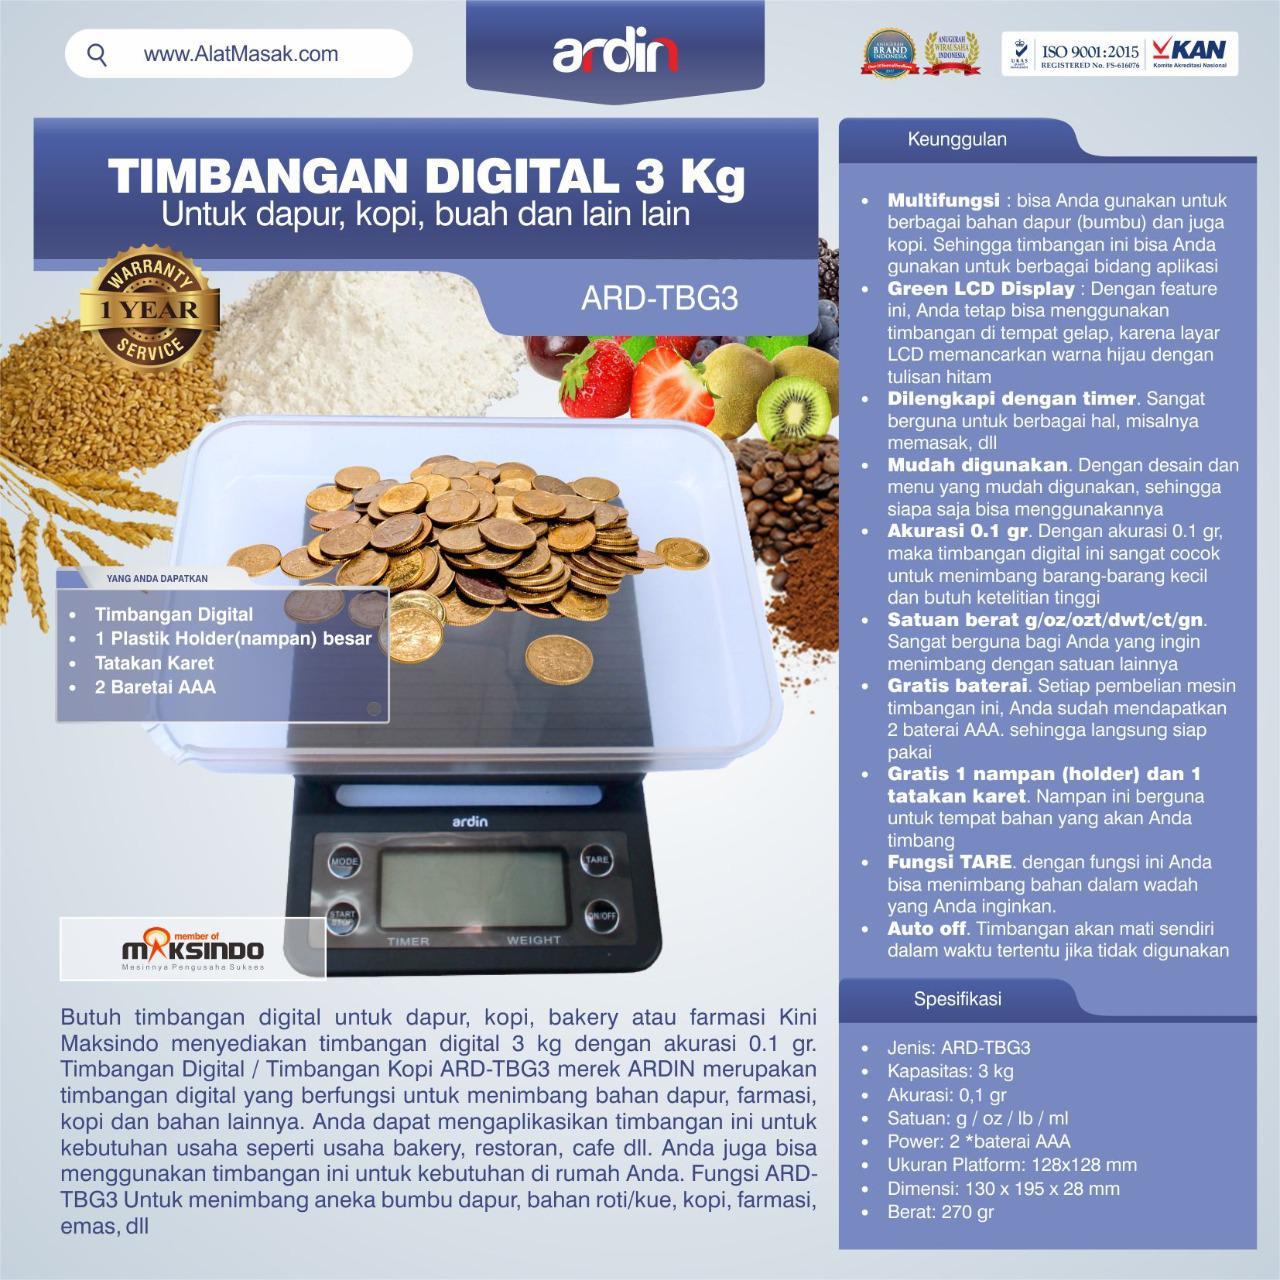 Jual Timbangan Digital 3 kg / Timbangan Kopi ARD-TBG3 di Tangerang